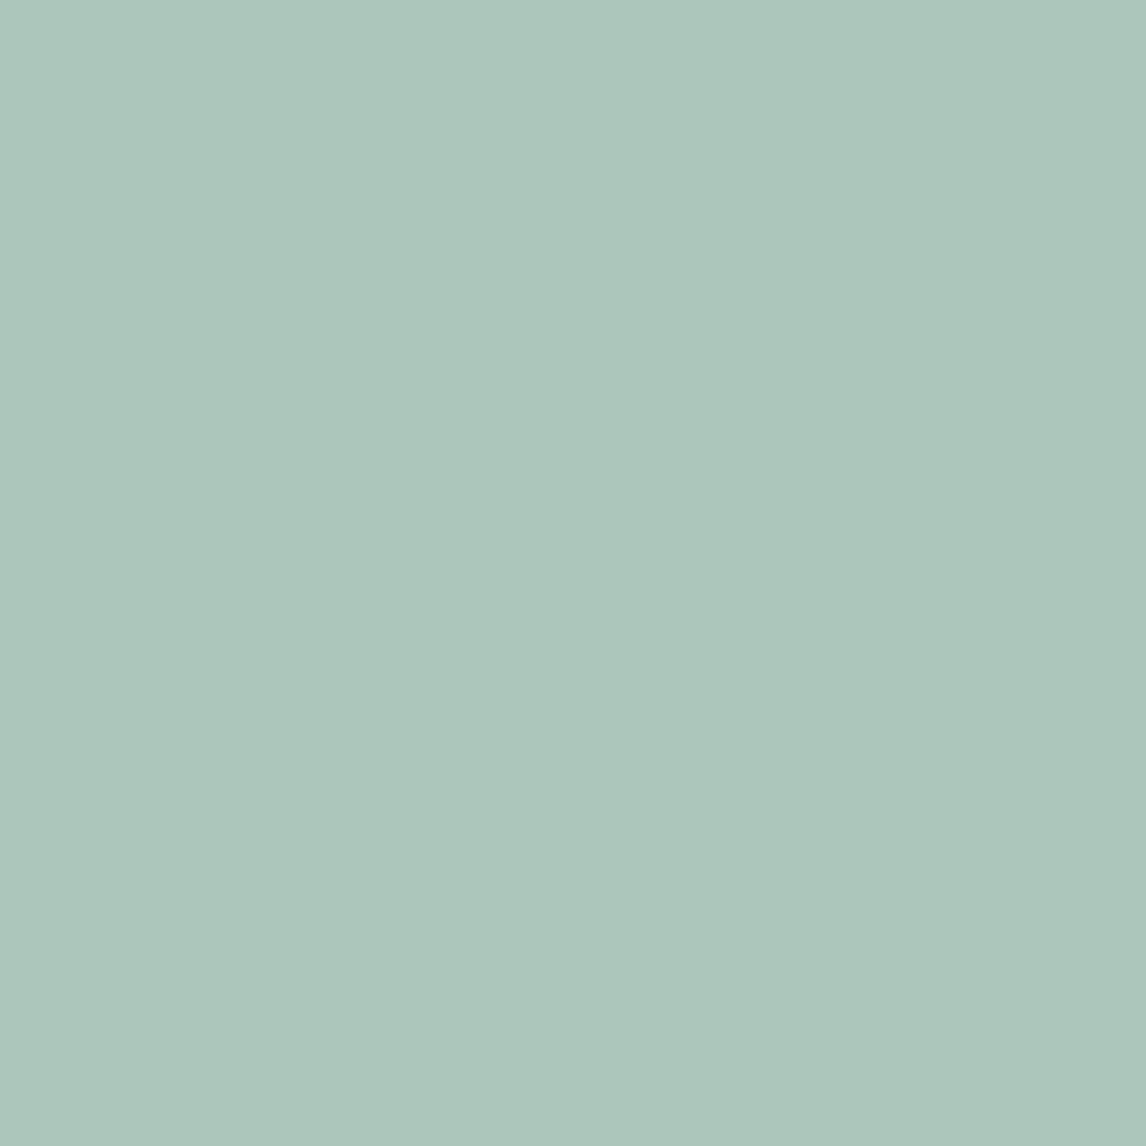 Green - Eau de Nil 150gsm